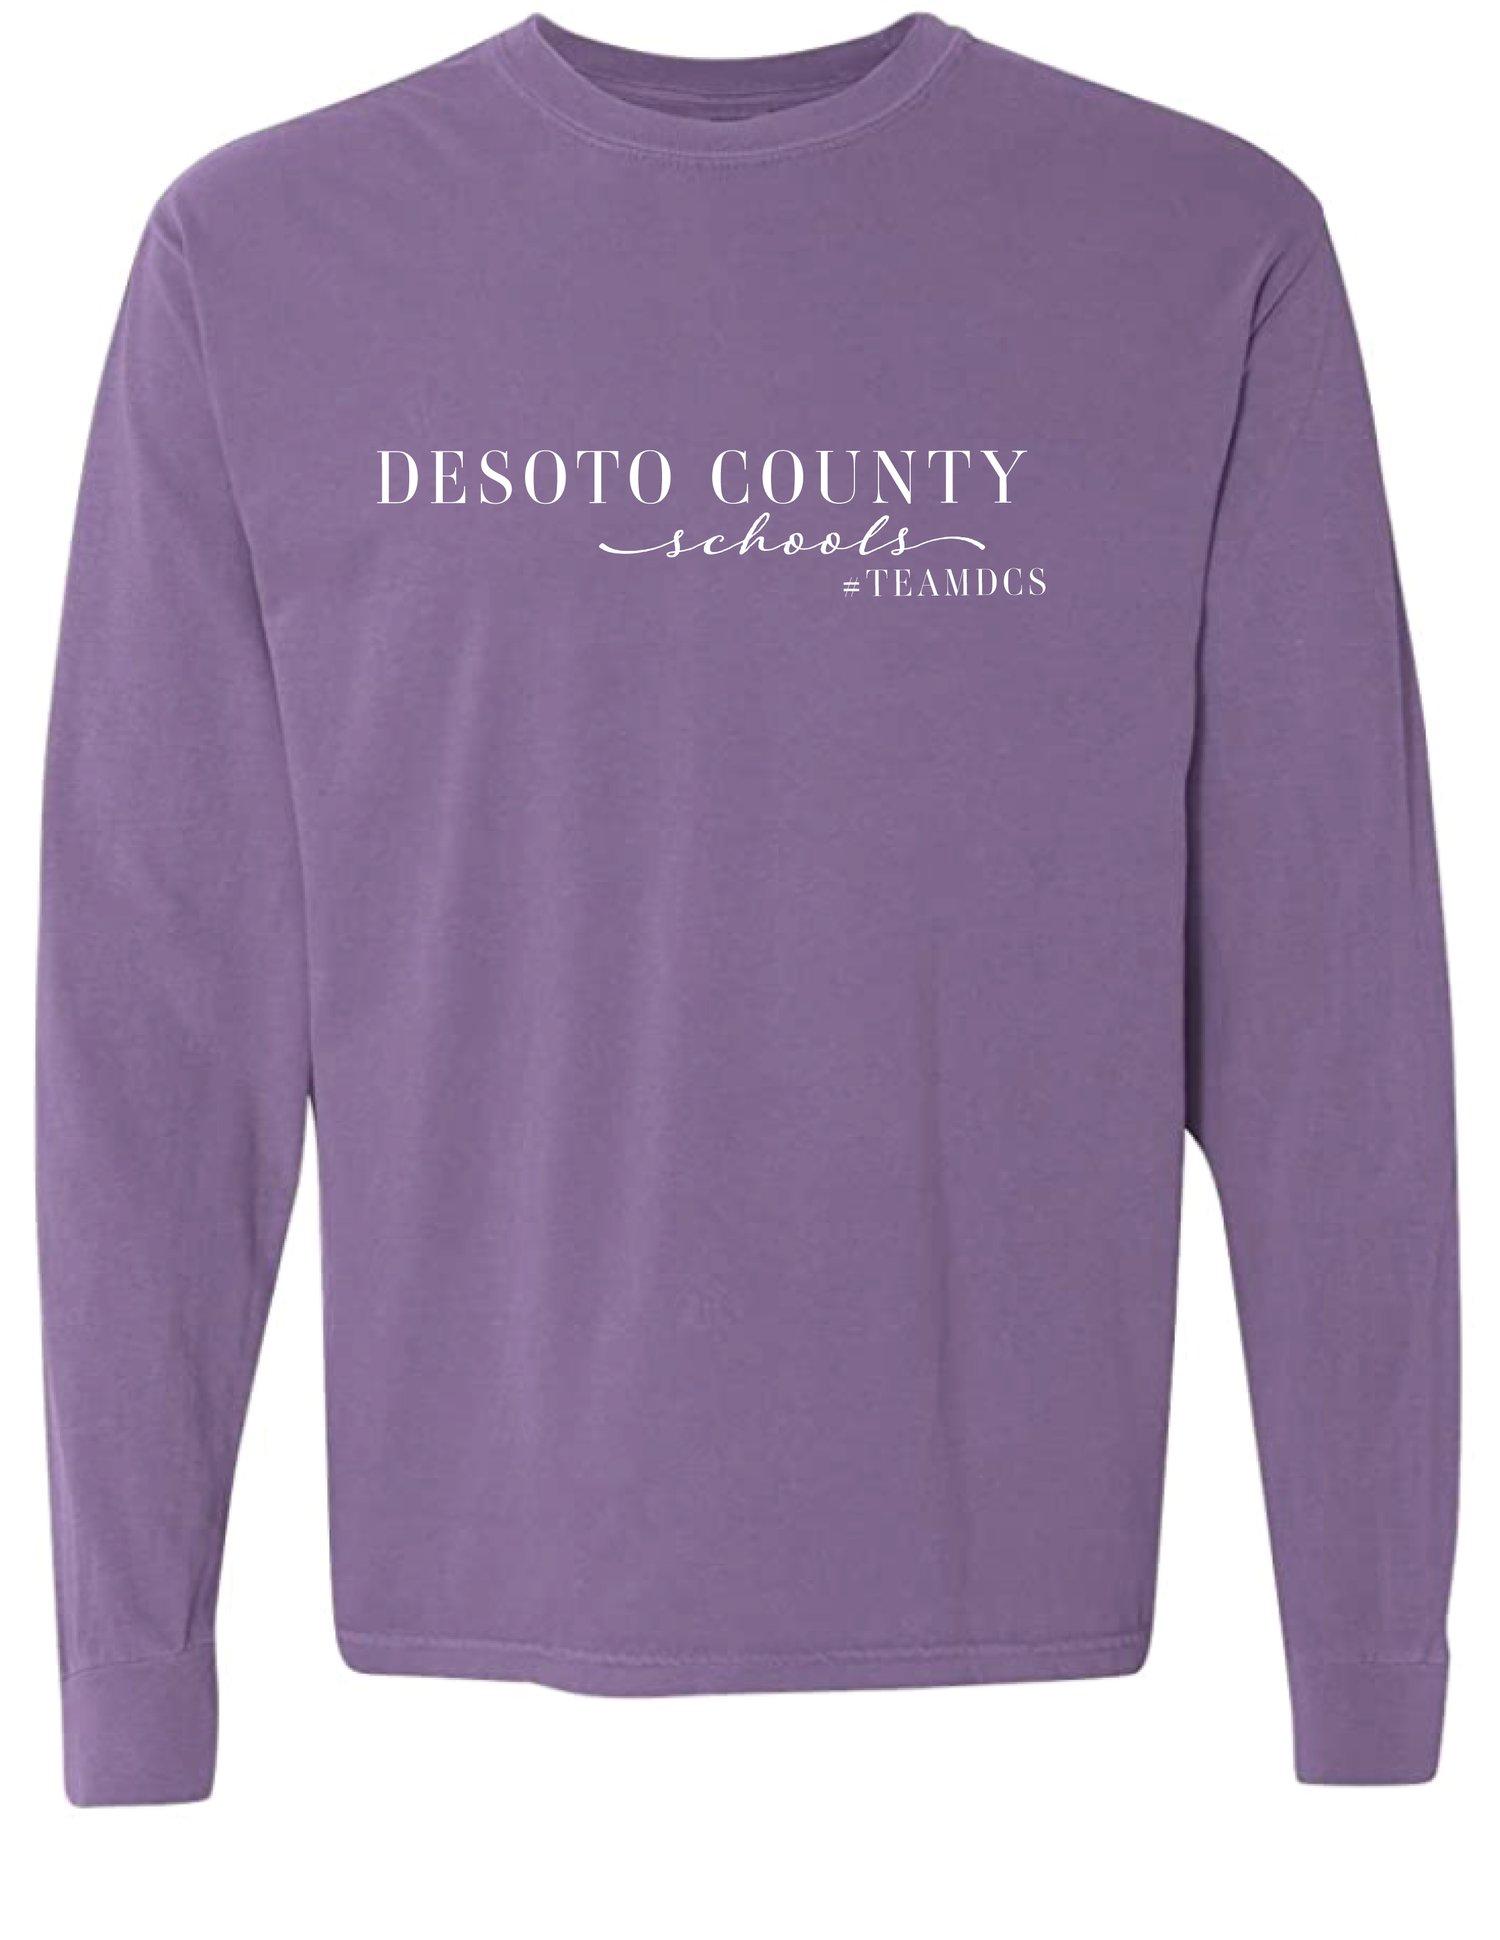 Image of Desoto County Schools #TEAMDCS - Violet